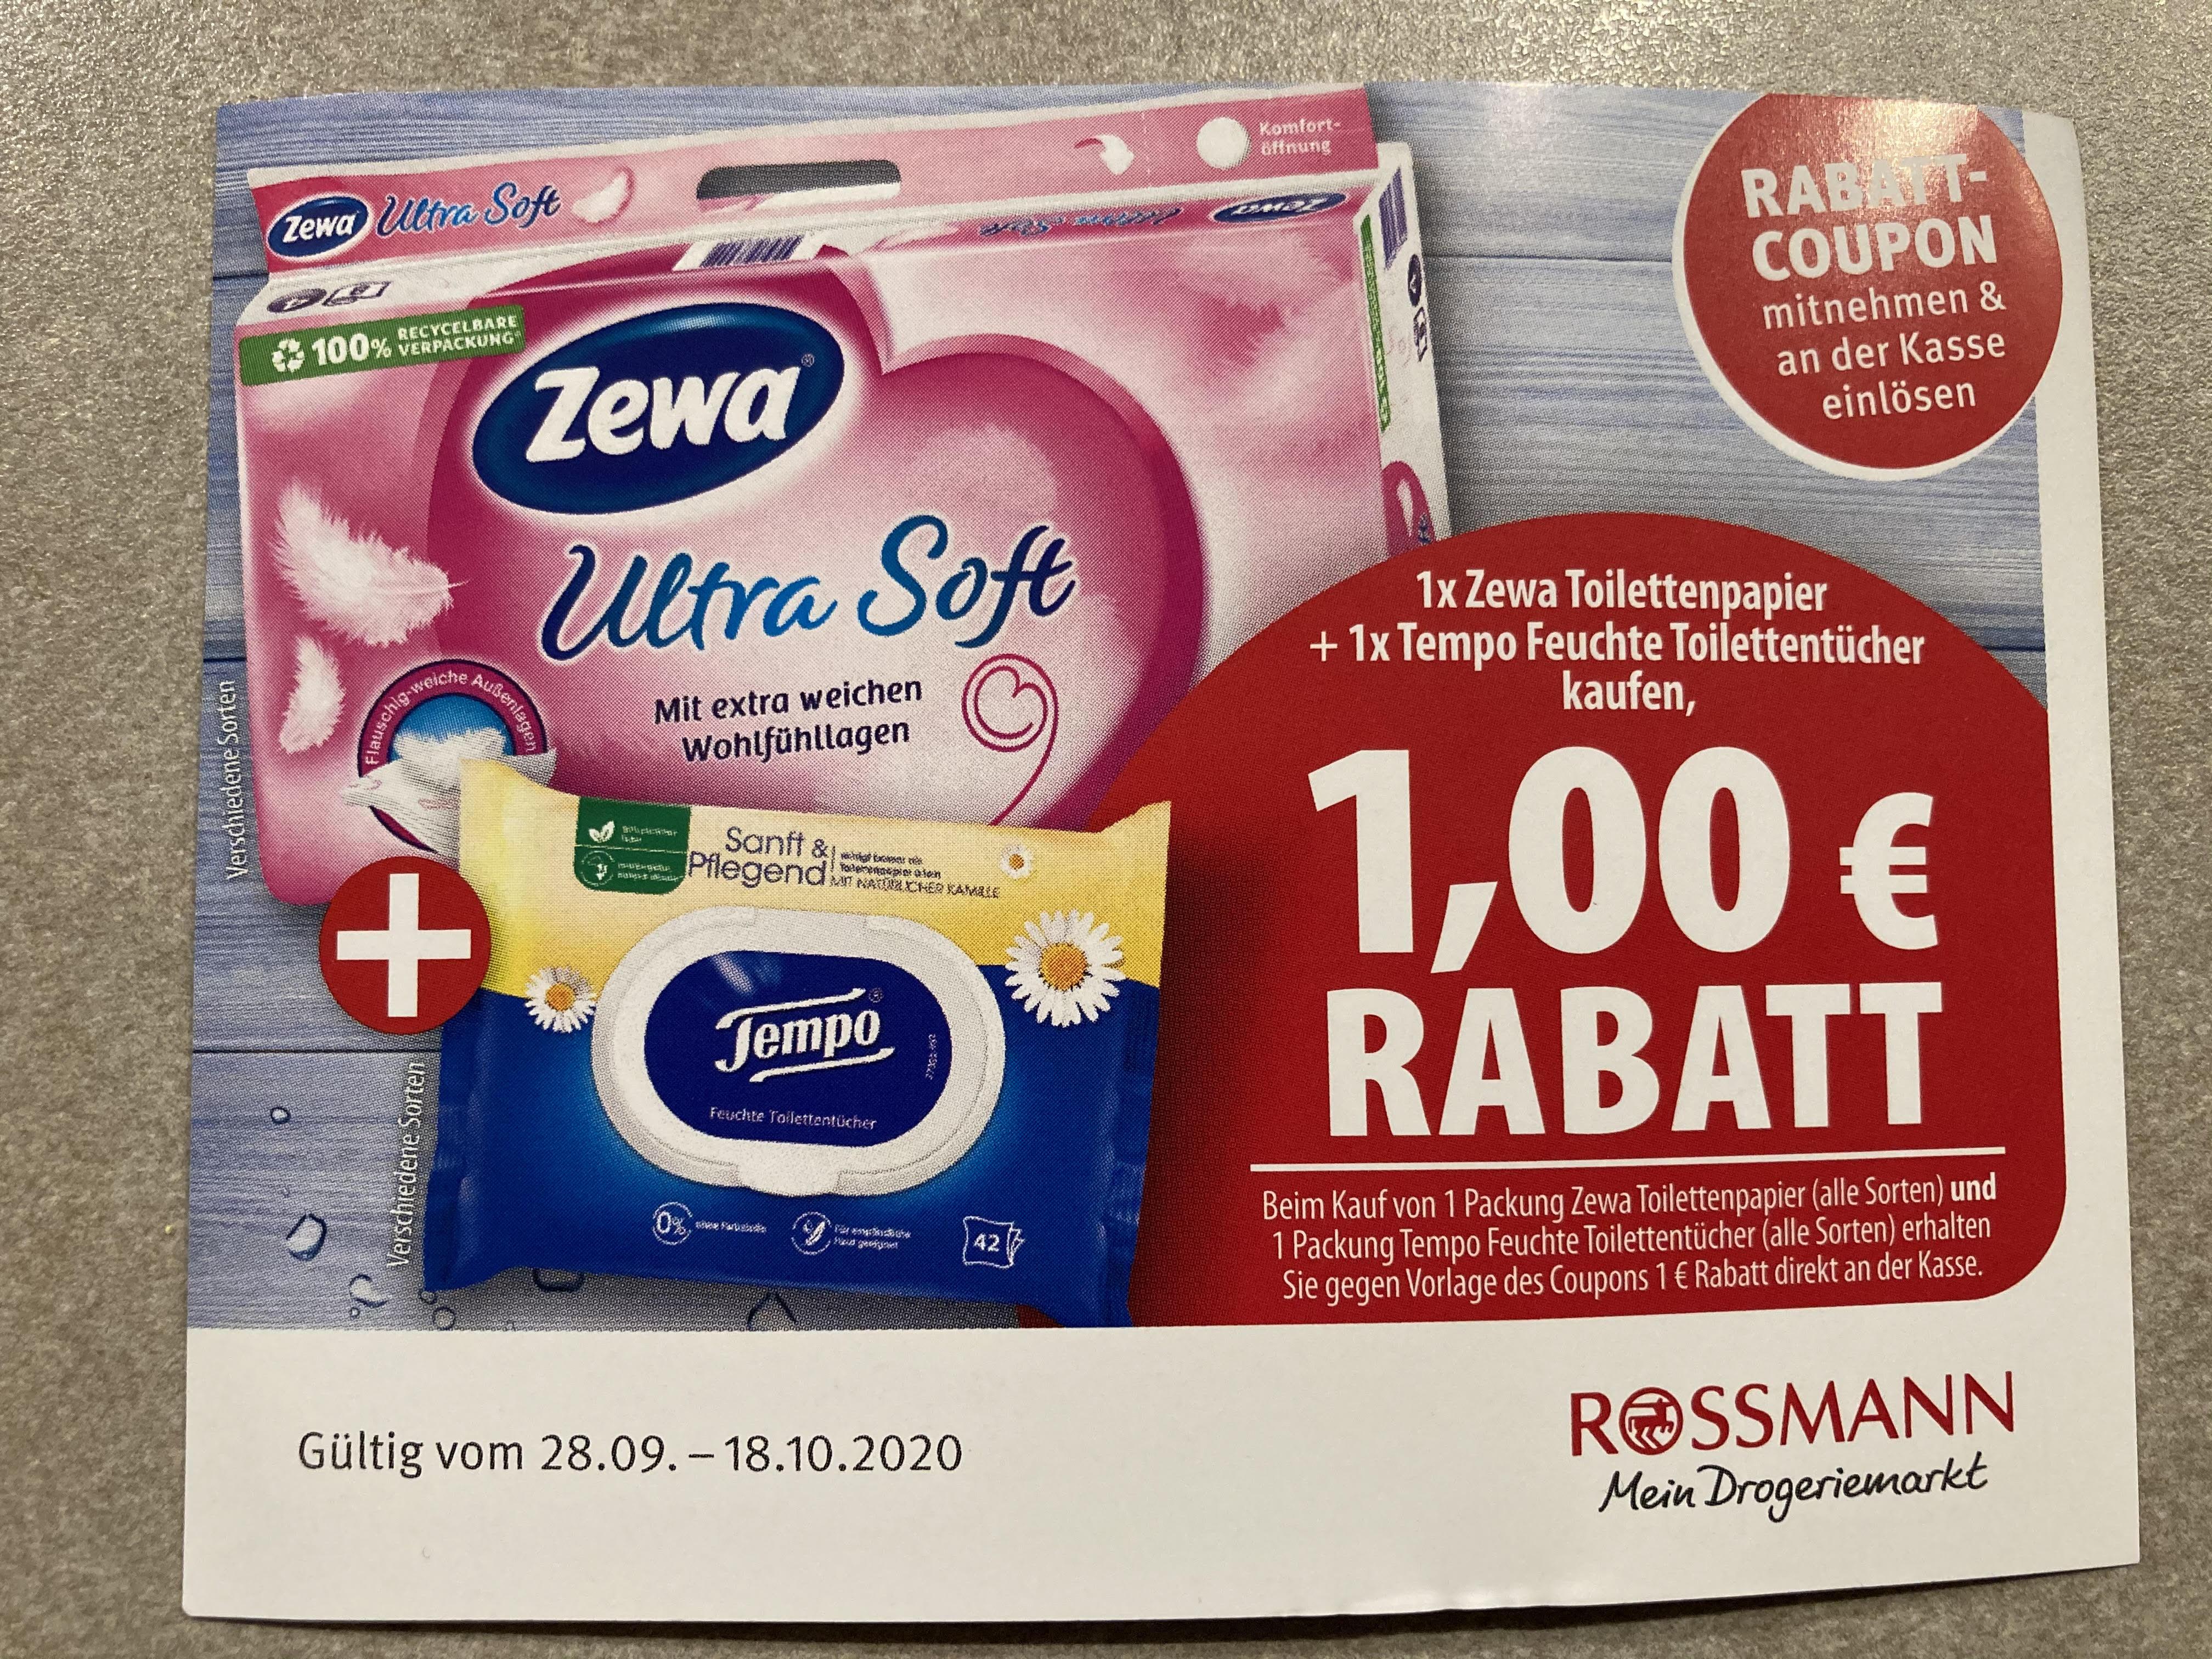 [Rossmann] 1x Zewa Toilettenpapier + 1x Tempo Feuchte Toilettentücher ab 1,89 €